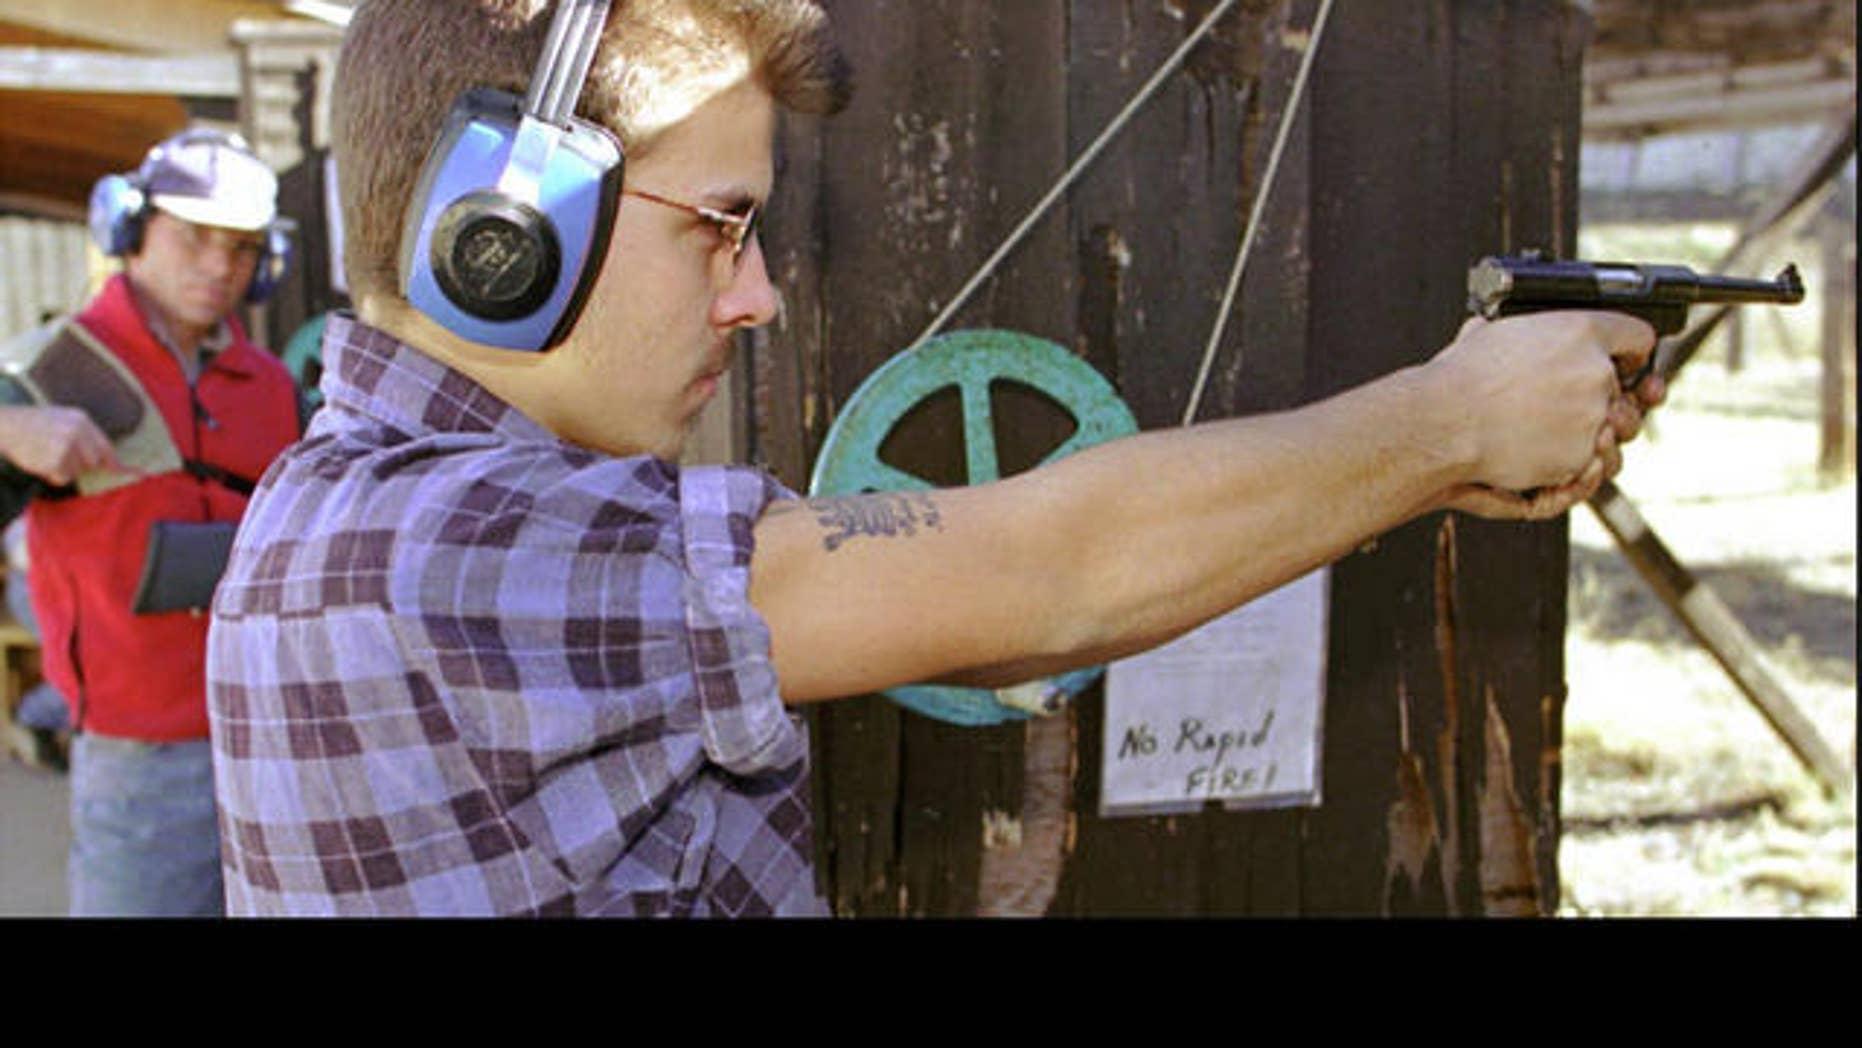 Man performs target practice at a shooting range